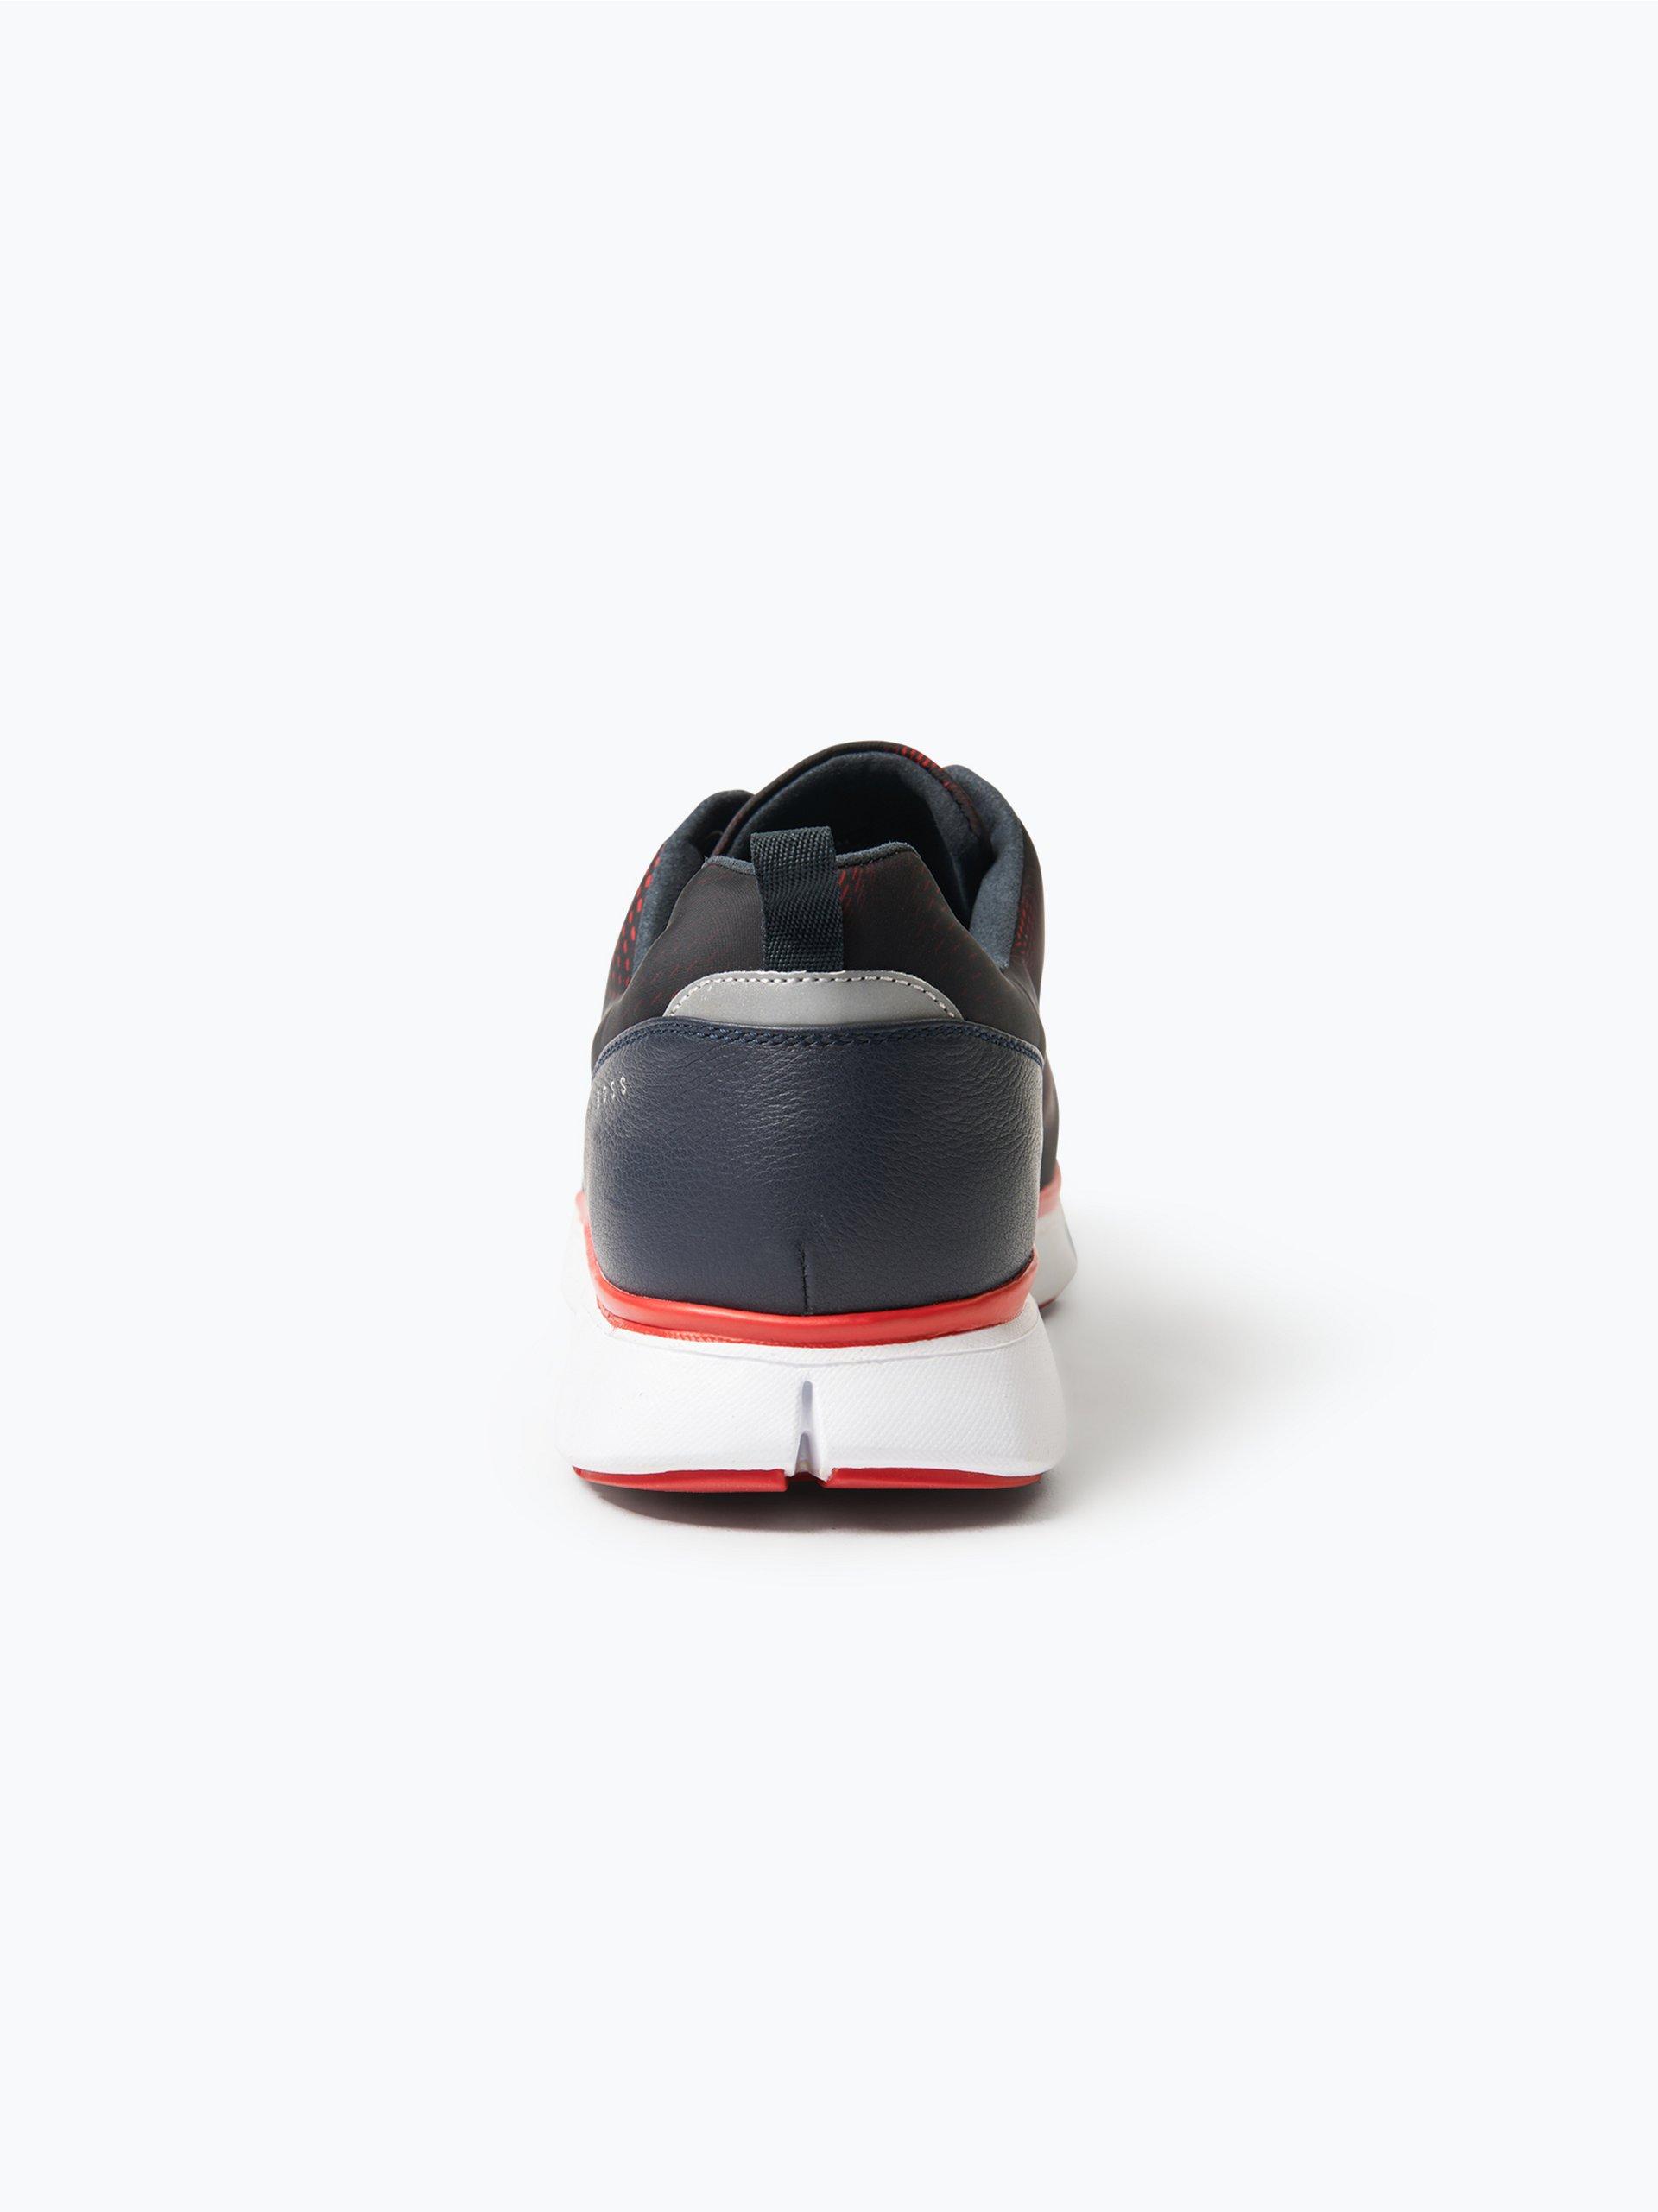 BOSS Green Herren Sneaker mit Leder-Besatz - Gym_Runn_nypr1